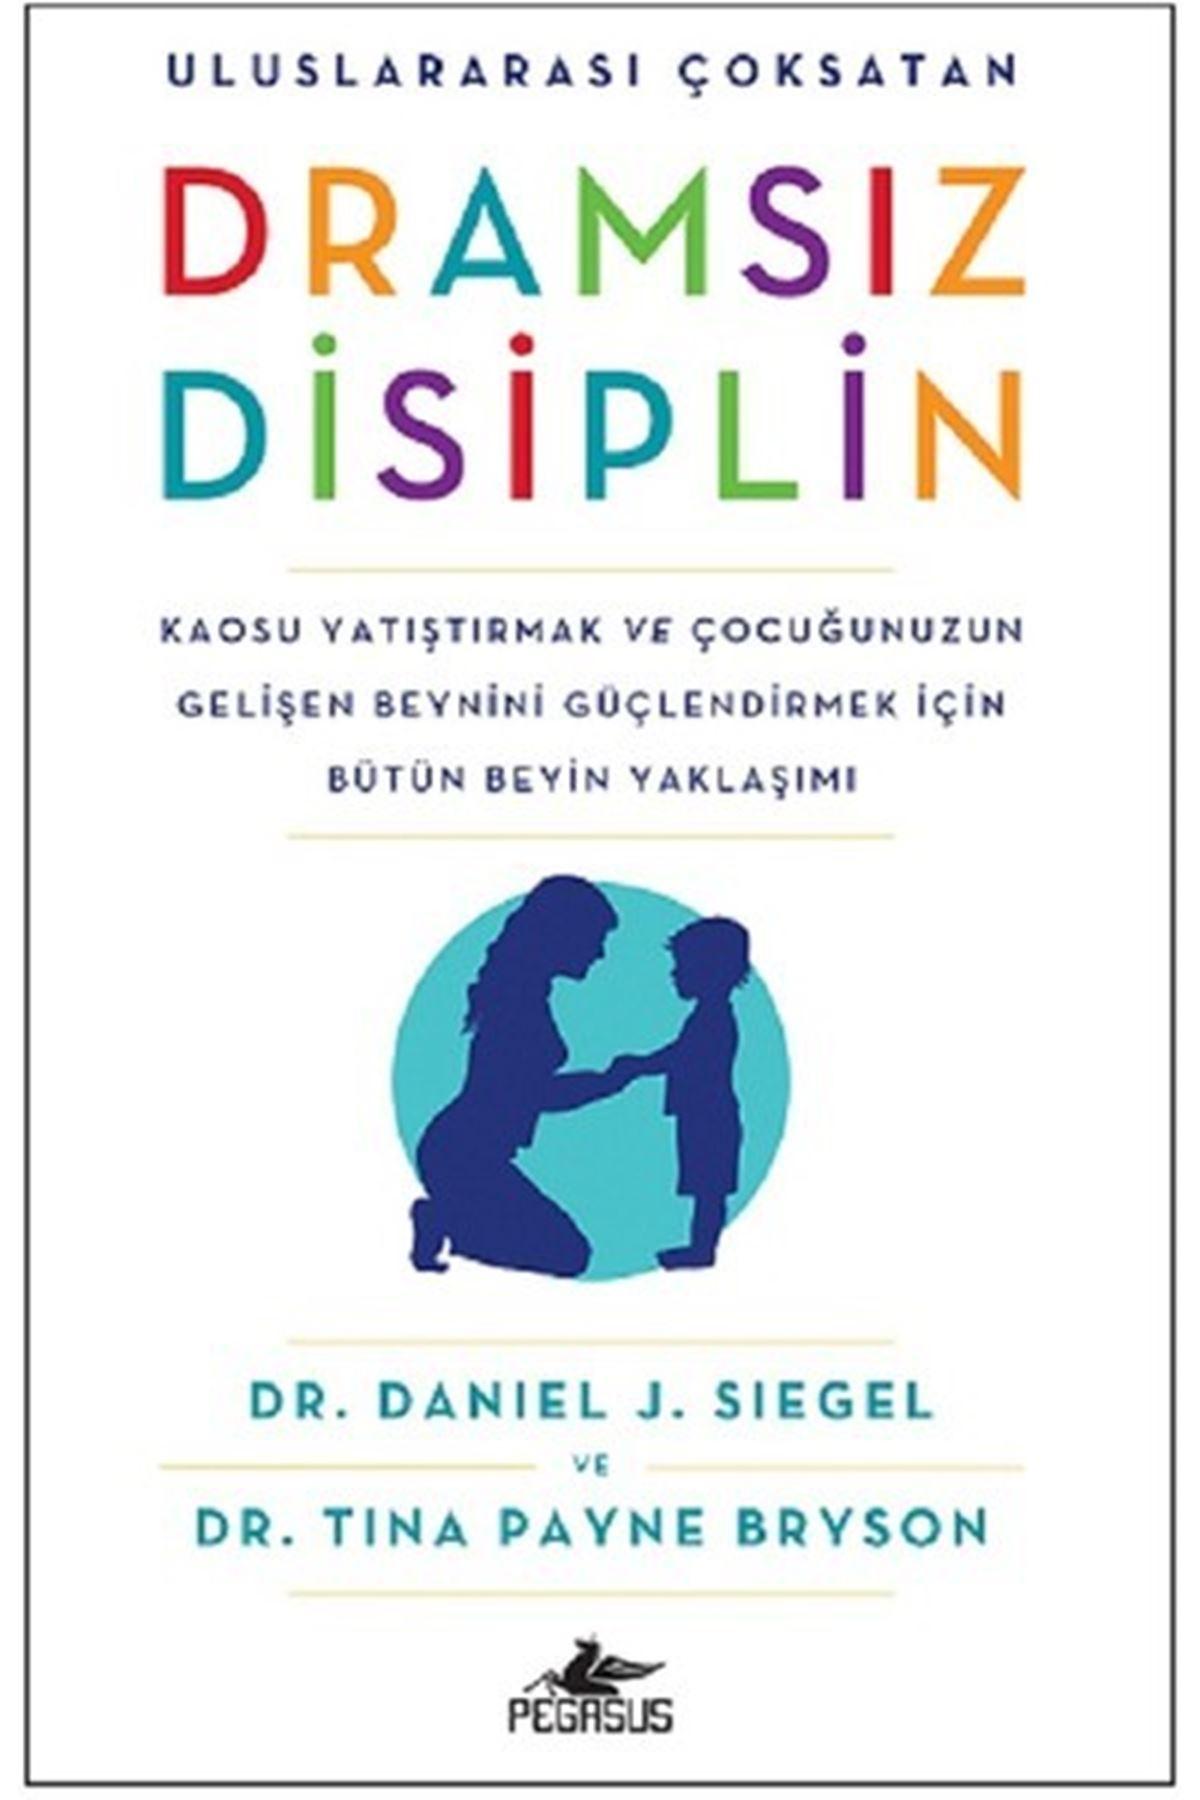 TİNA PAYNE BRYSON, DANİEL J. SİEGEL - DRAMSIZ DİSİPLİN